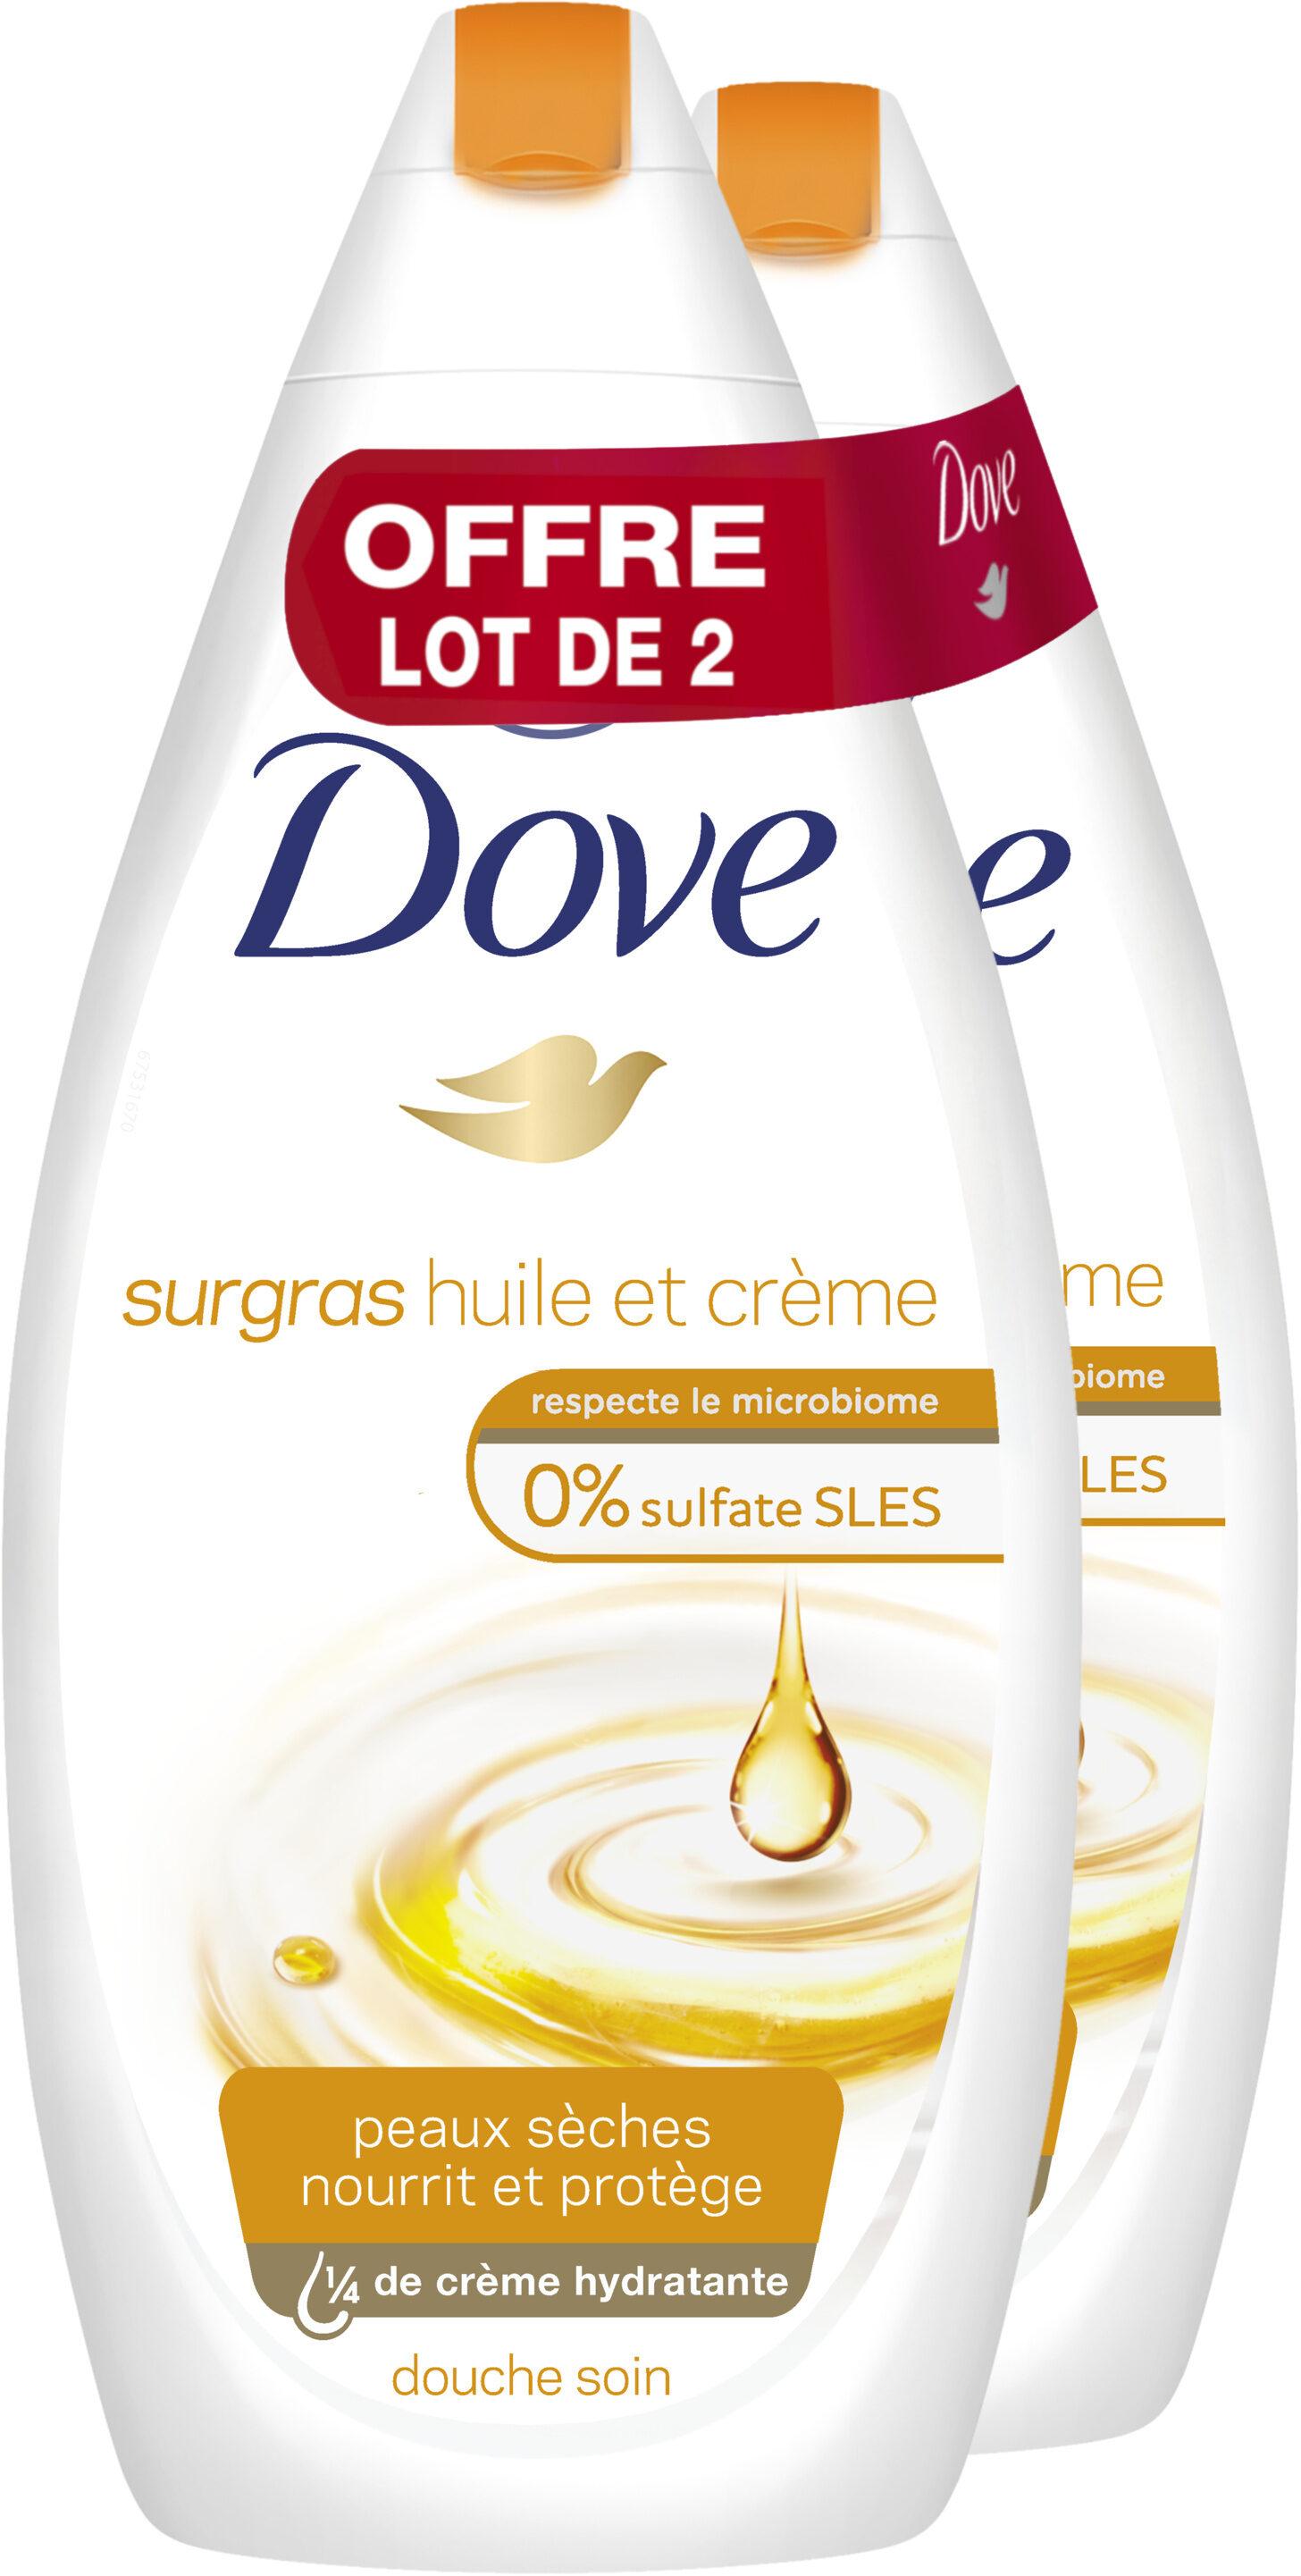 Dove Gel Douche Surgras Huile et Crème 750ml Lot de 2 - Product - fr